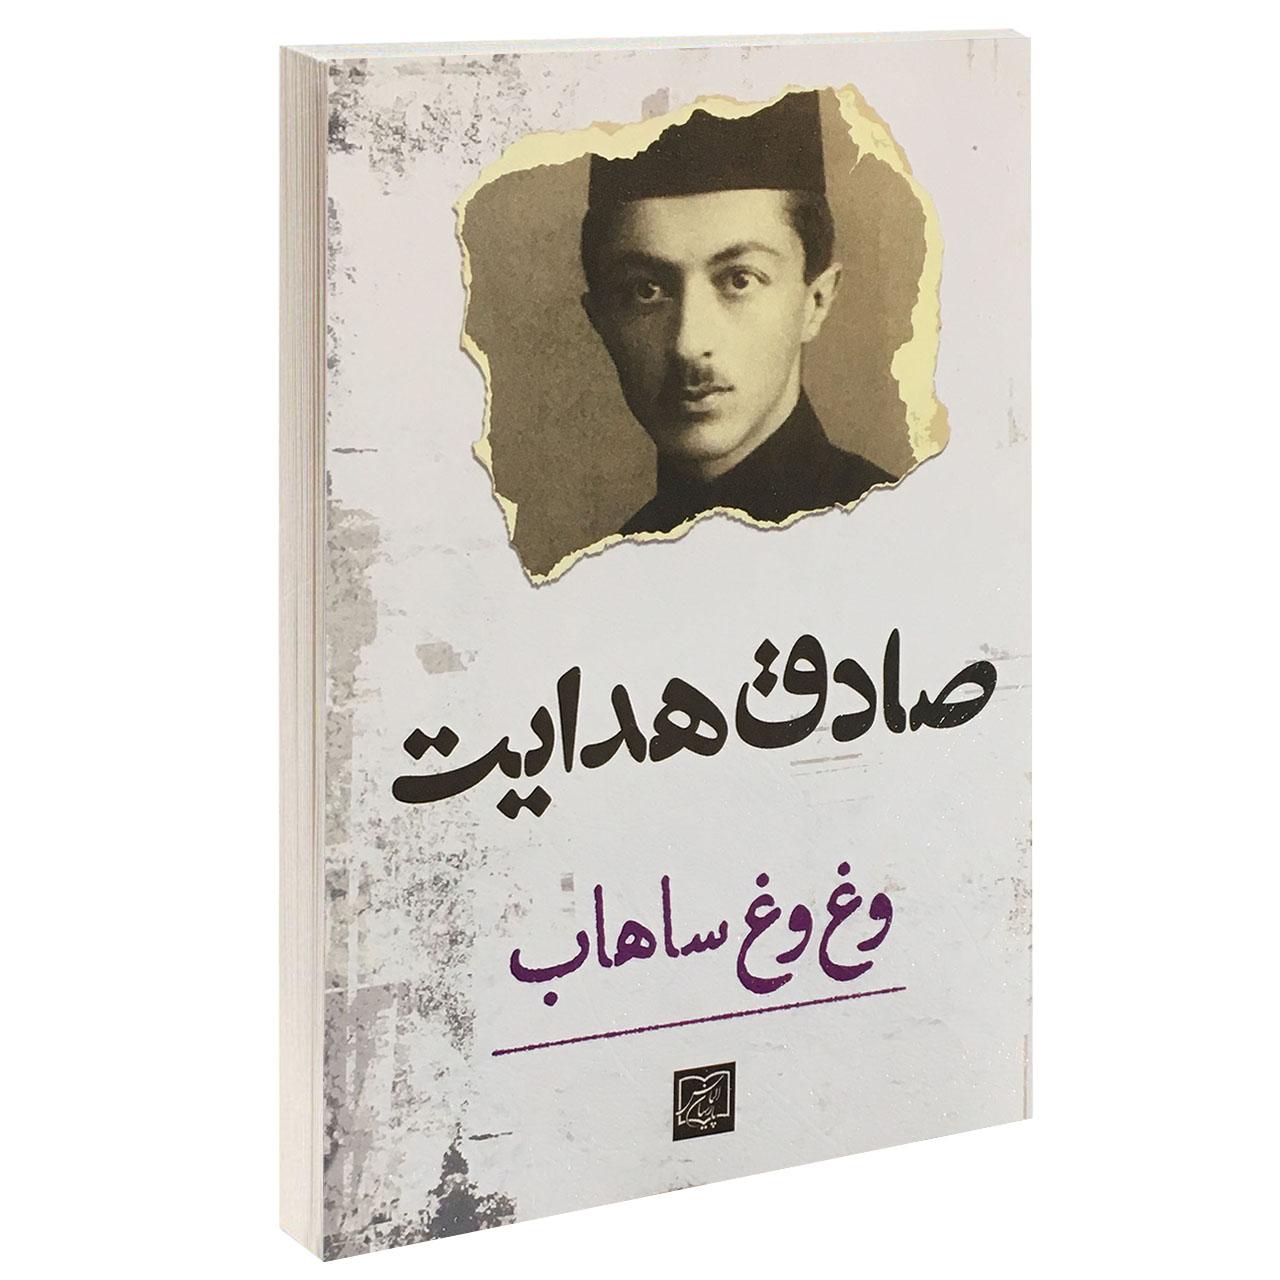 خرید                      کتاب وغ وغ ساهاب اثر صادق هدایت انتشارات الماس پارسیان